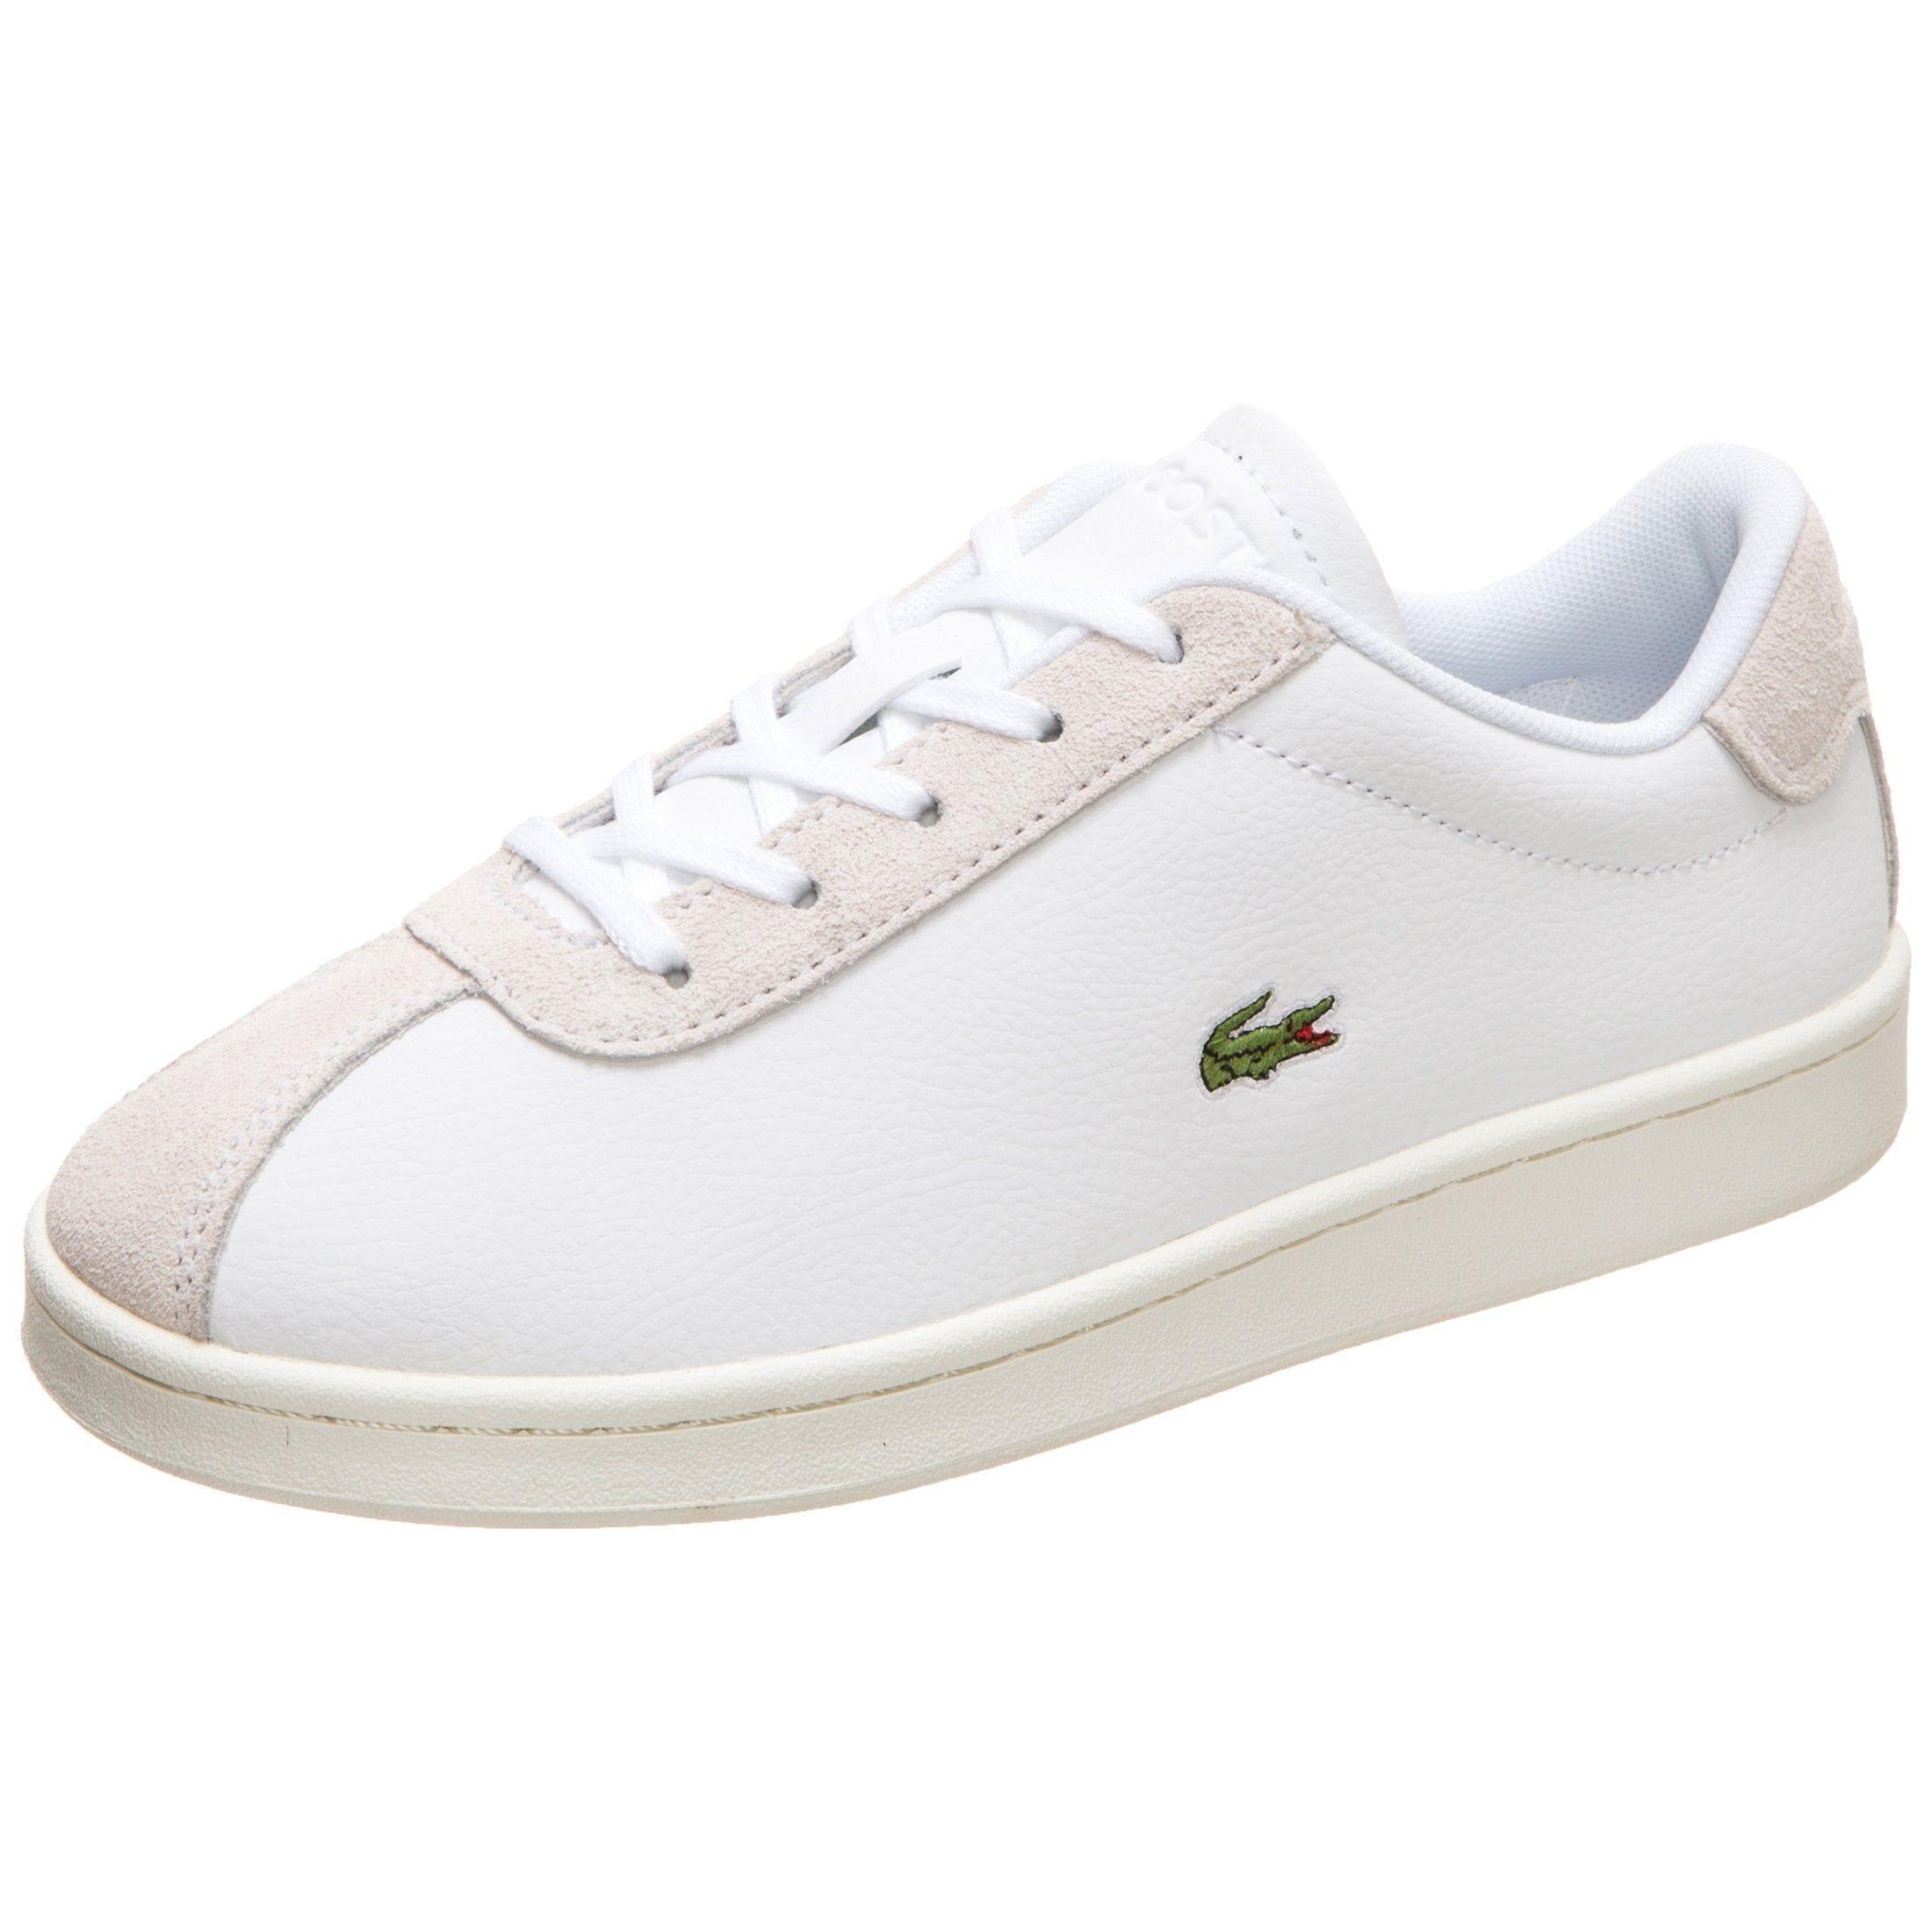 Lacoste Sneaker Masters   Schuhe > Sneaker > Sneaker low   Weiß   Leder   Lacoste